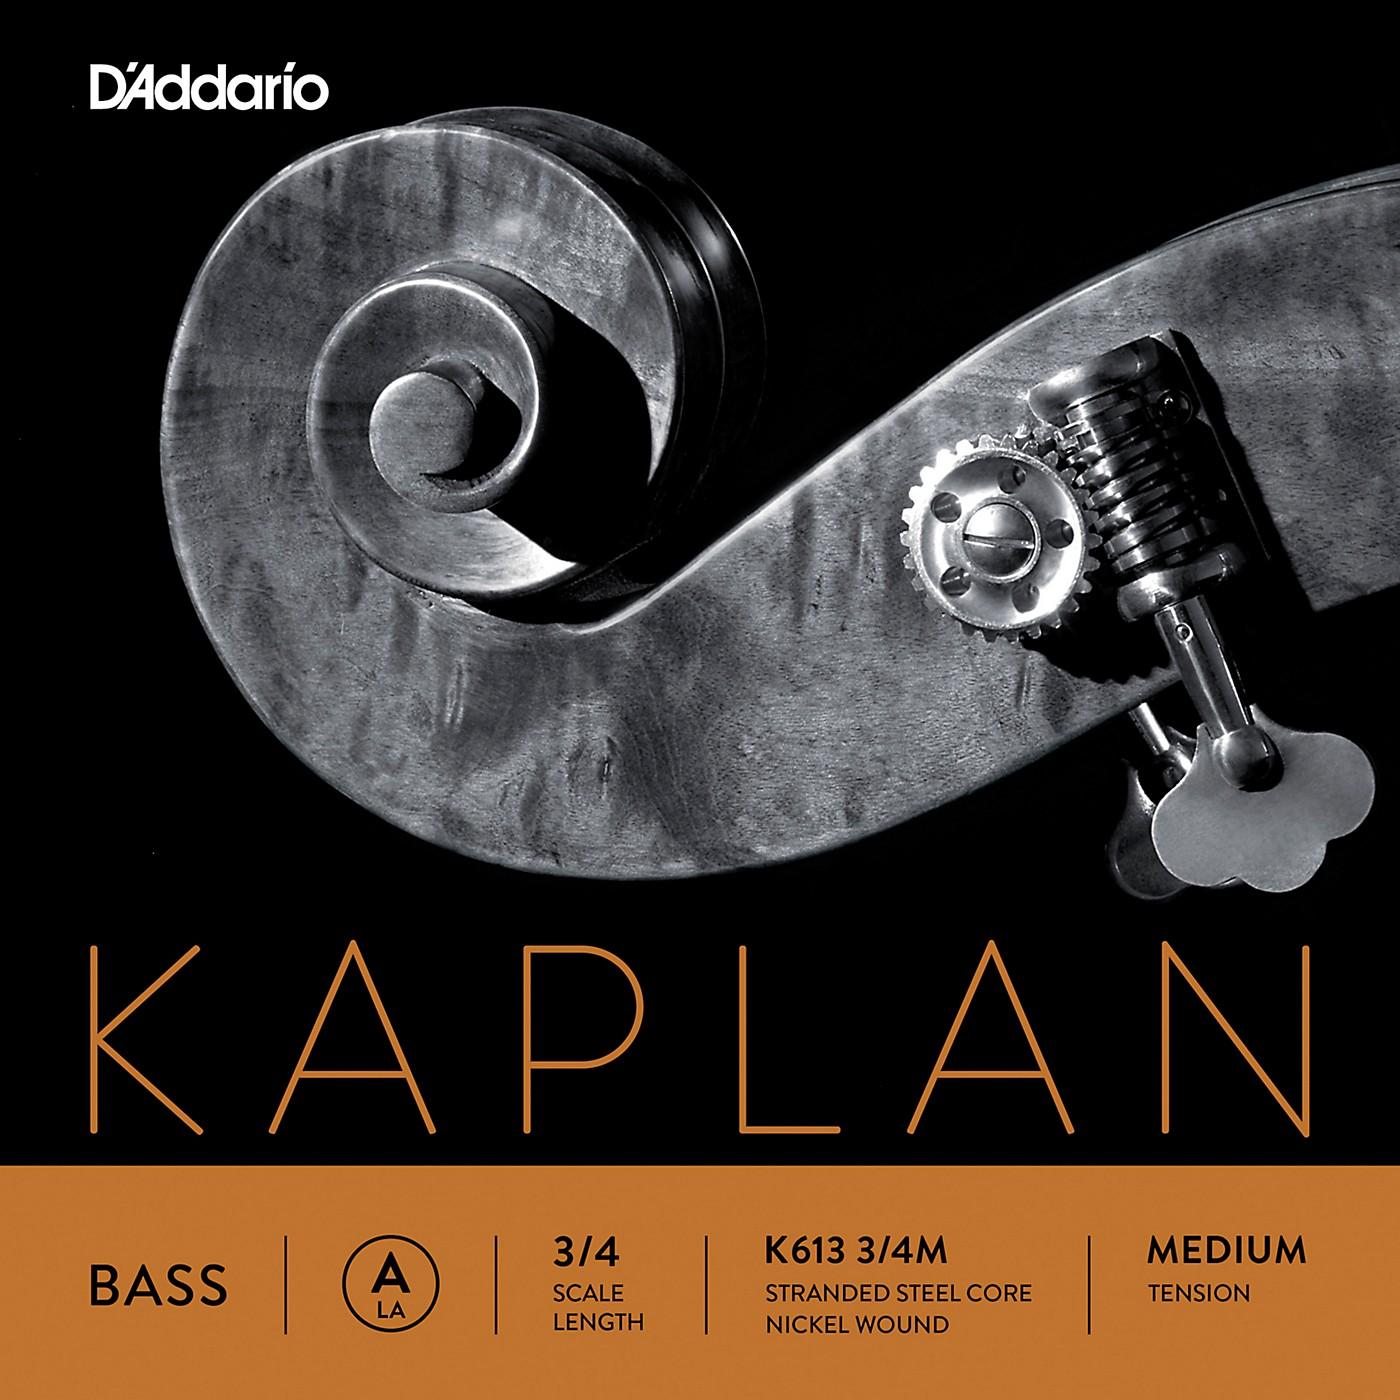 D'Addario Kaplan Series Double Bass A String thumbnail